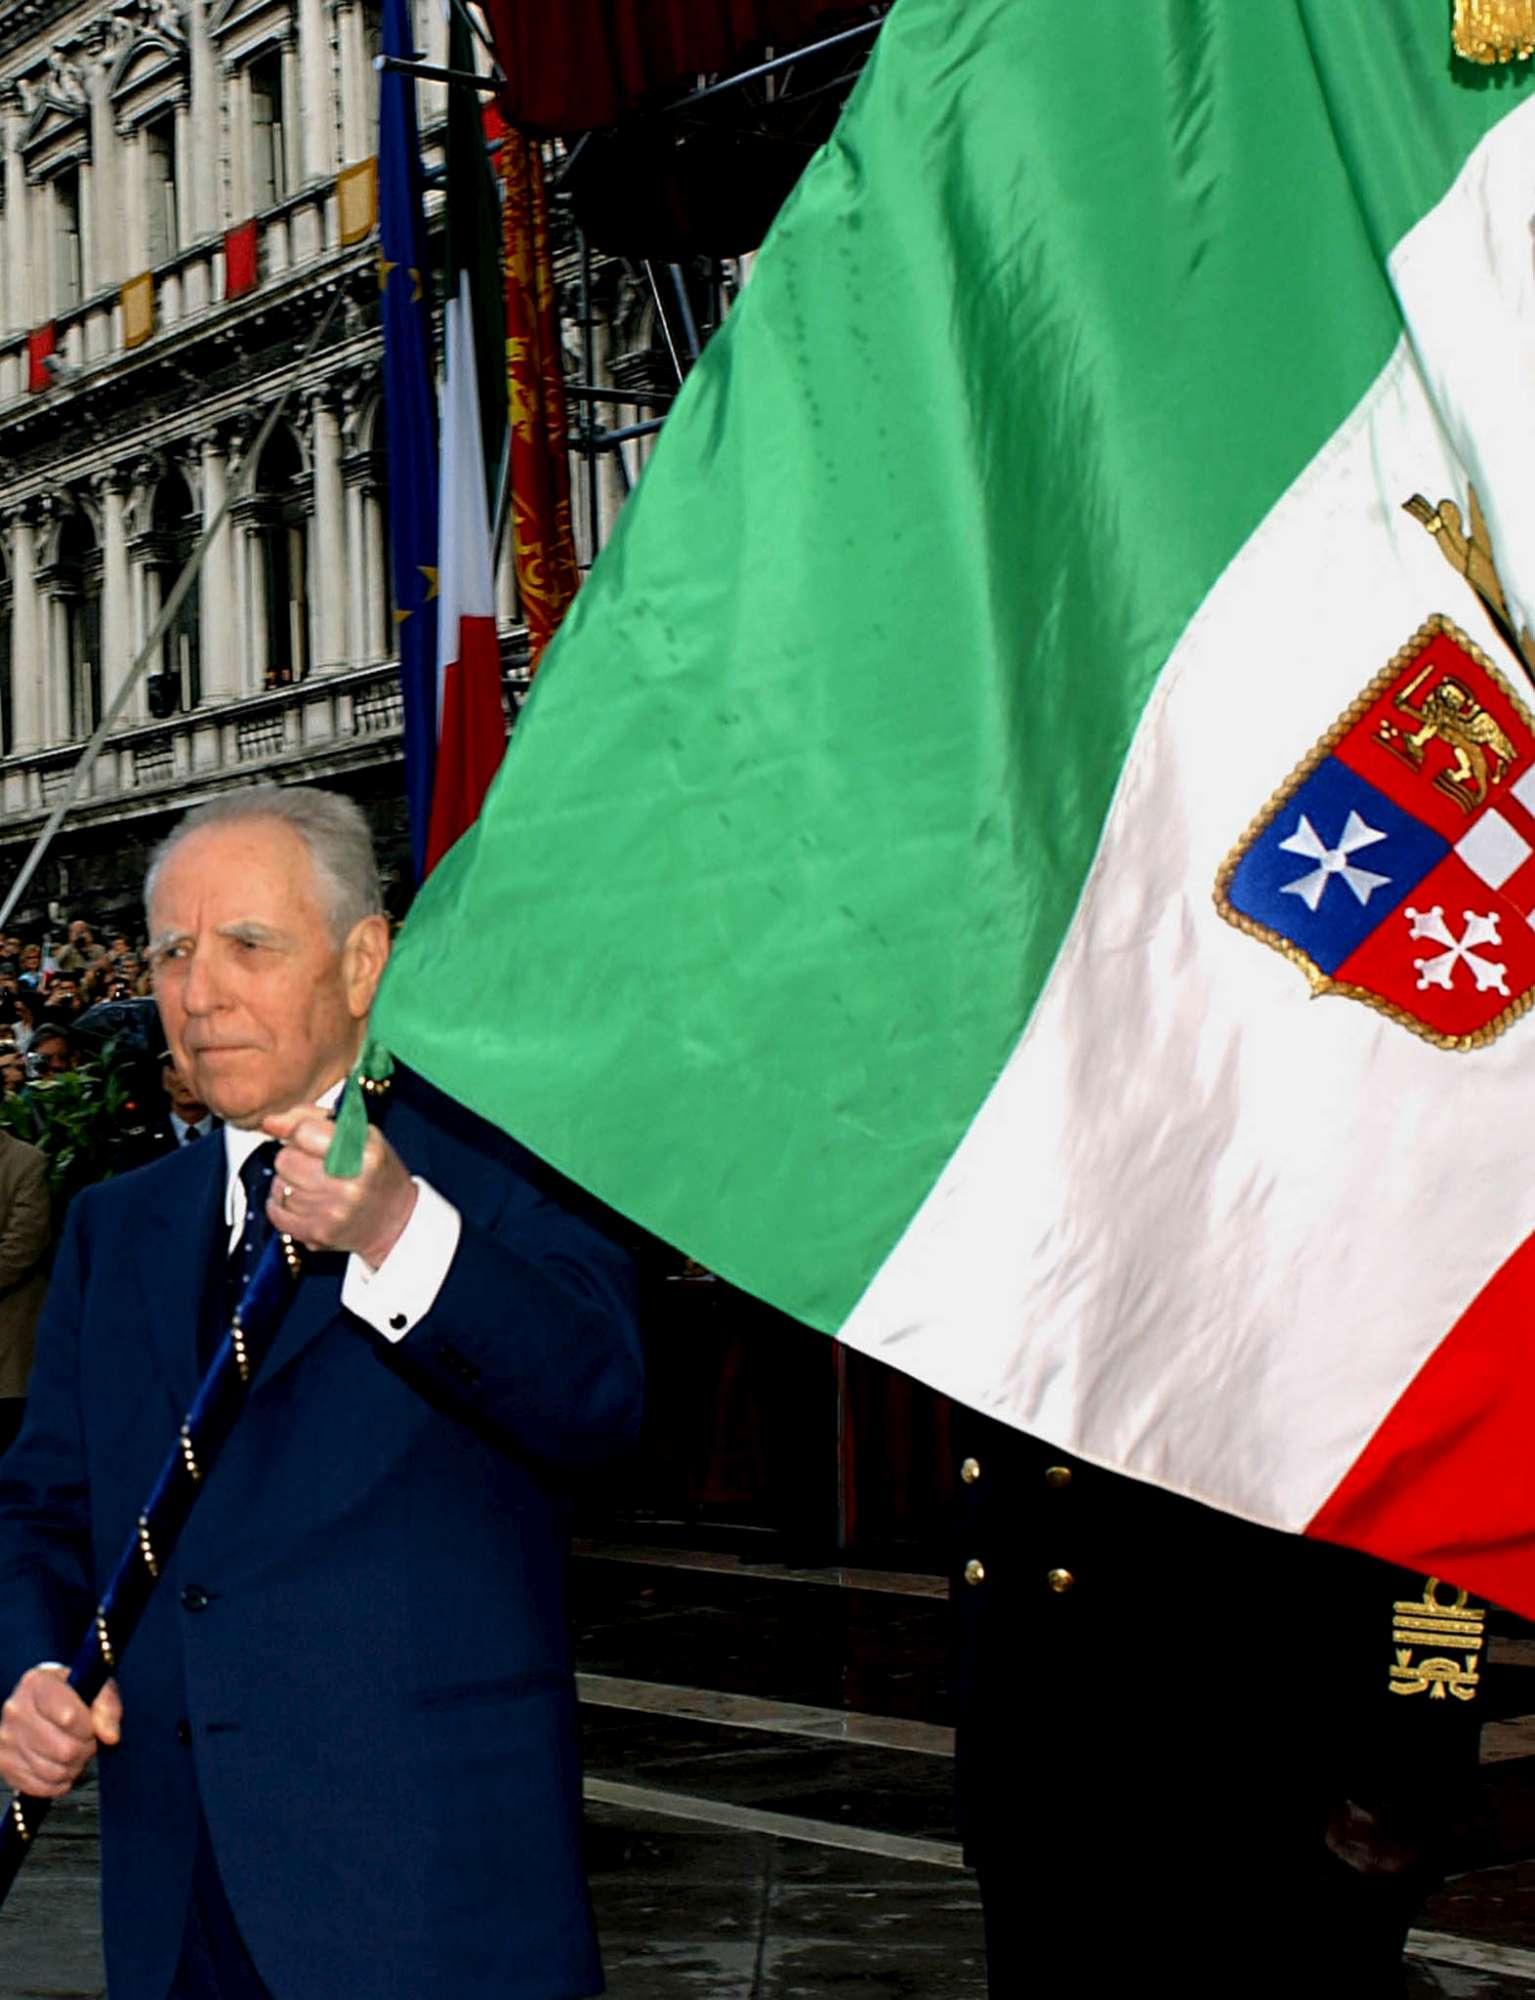 Addio a Carlo Azeglio Ciampi, il presidente che ha ridato orgoglio agli italiani